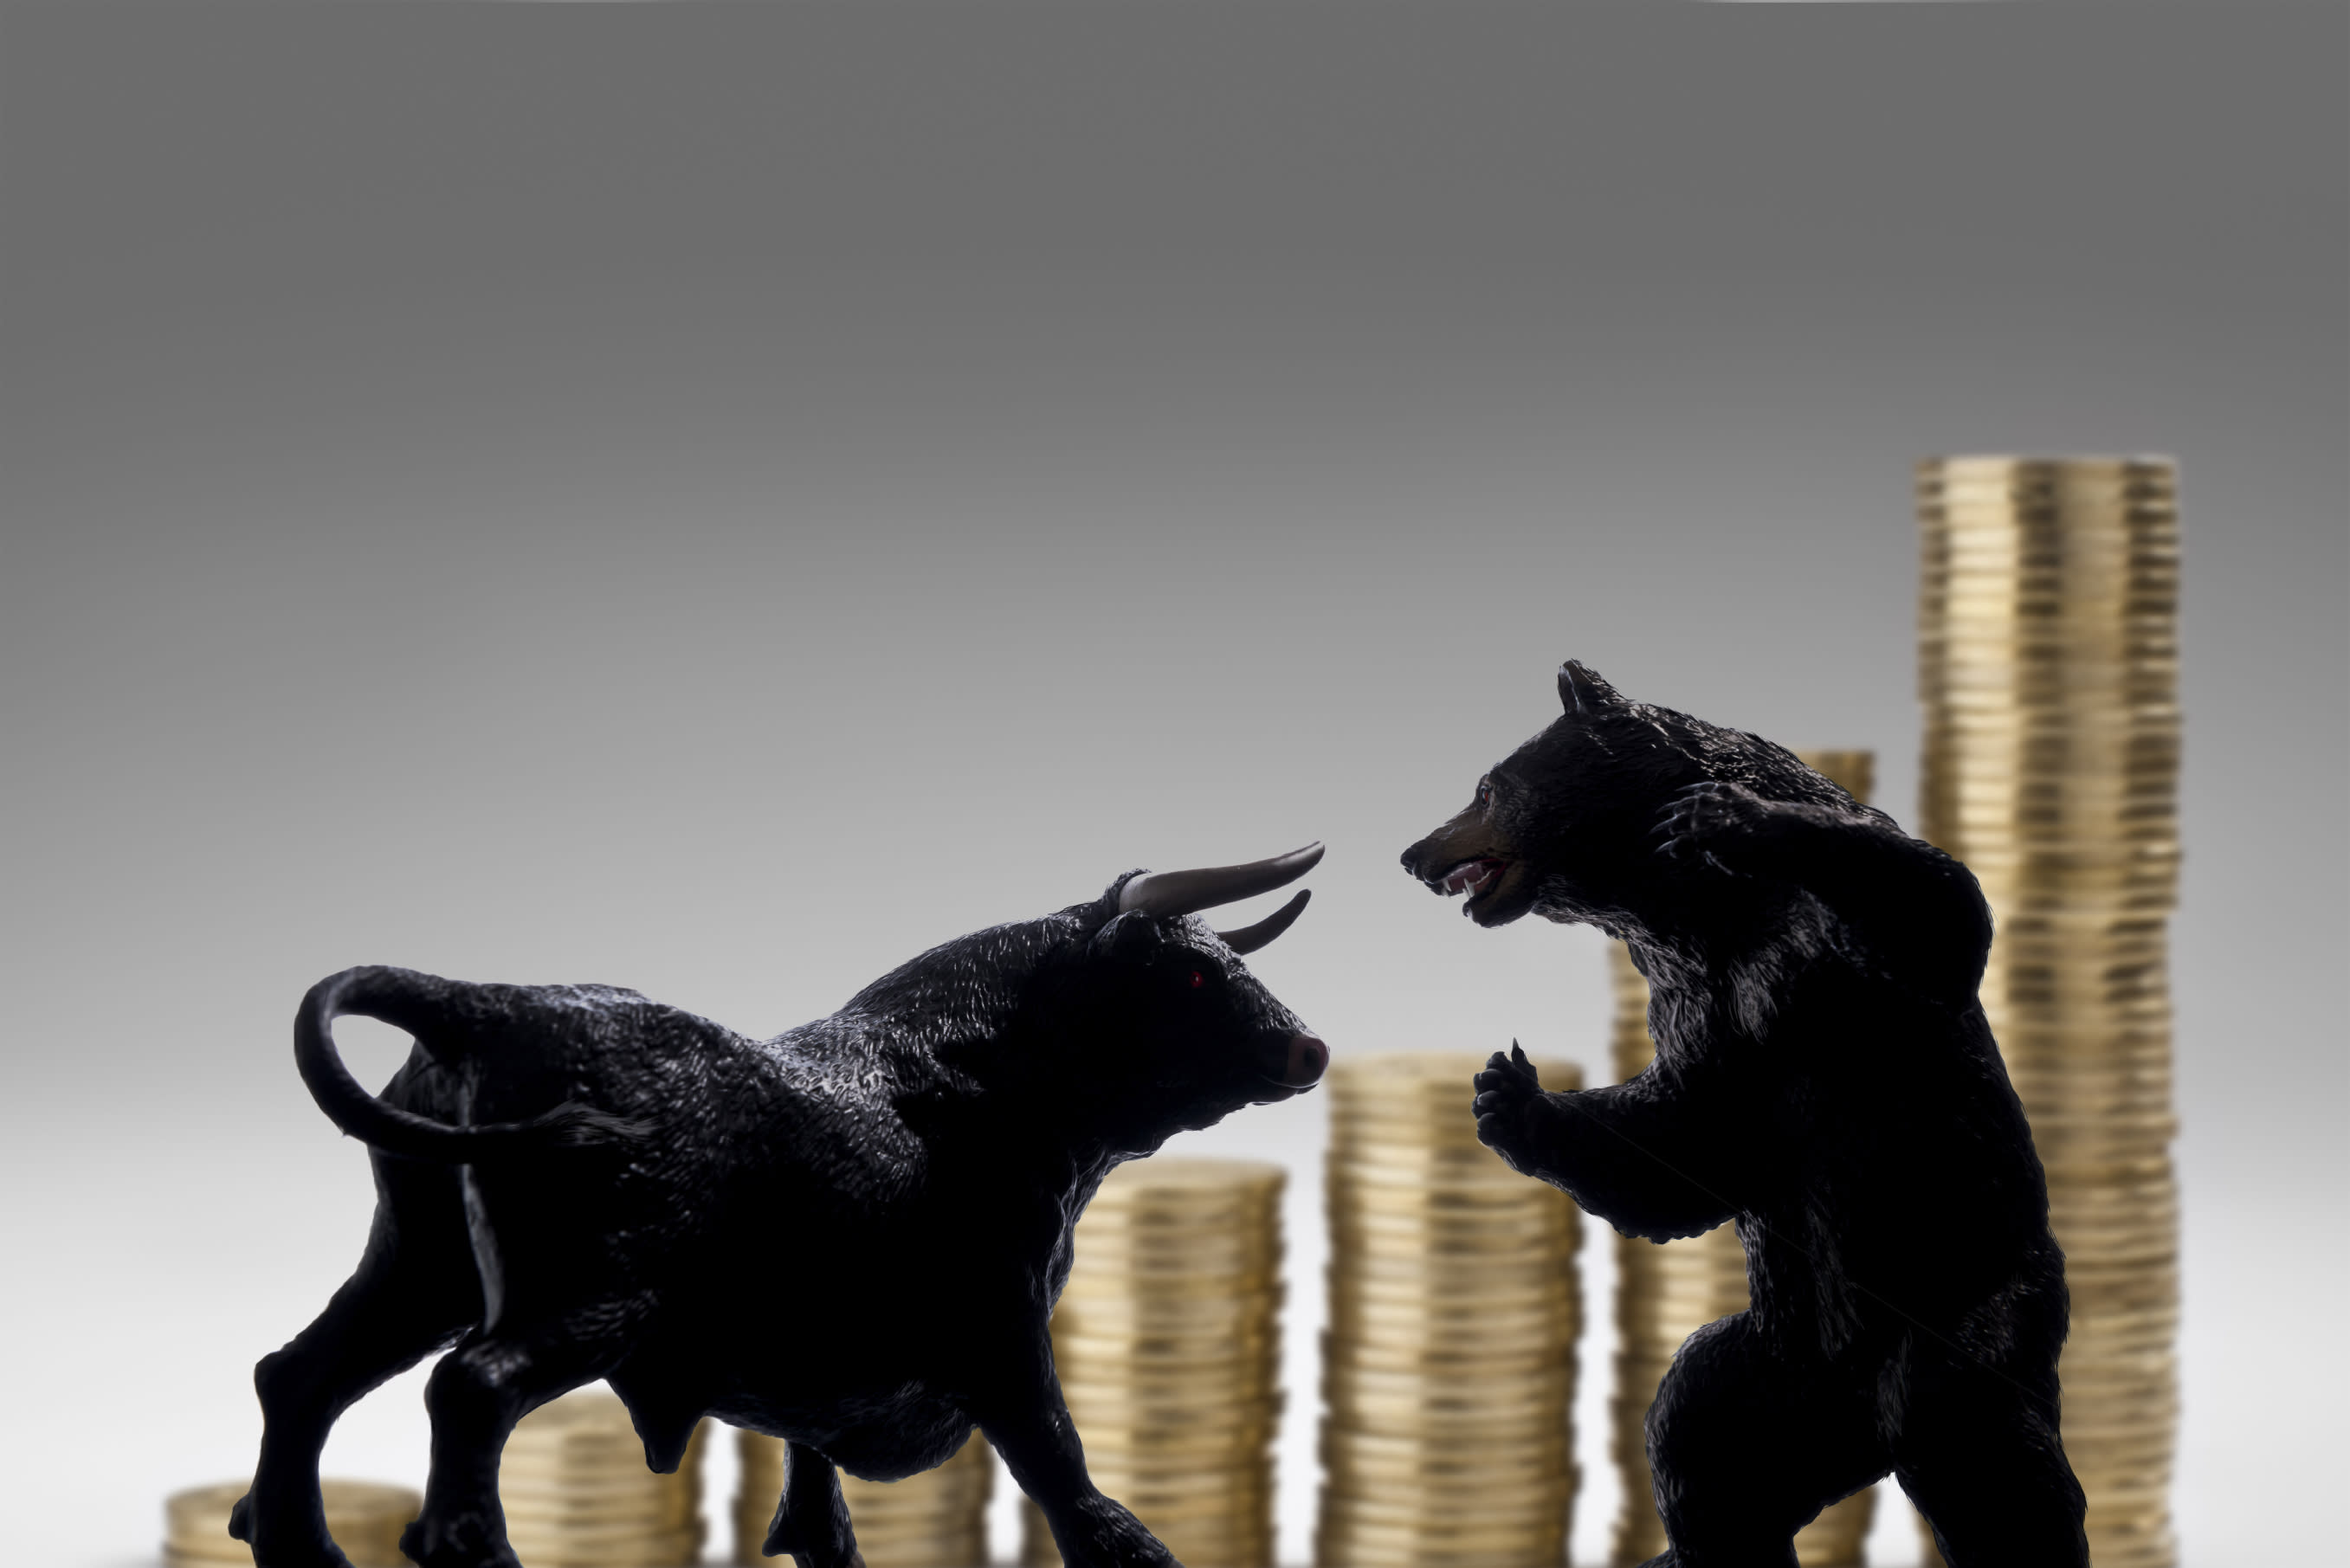 存股族必看!金融股跟ETF誰比較賺?